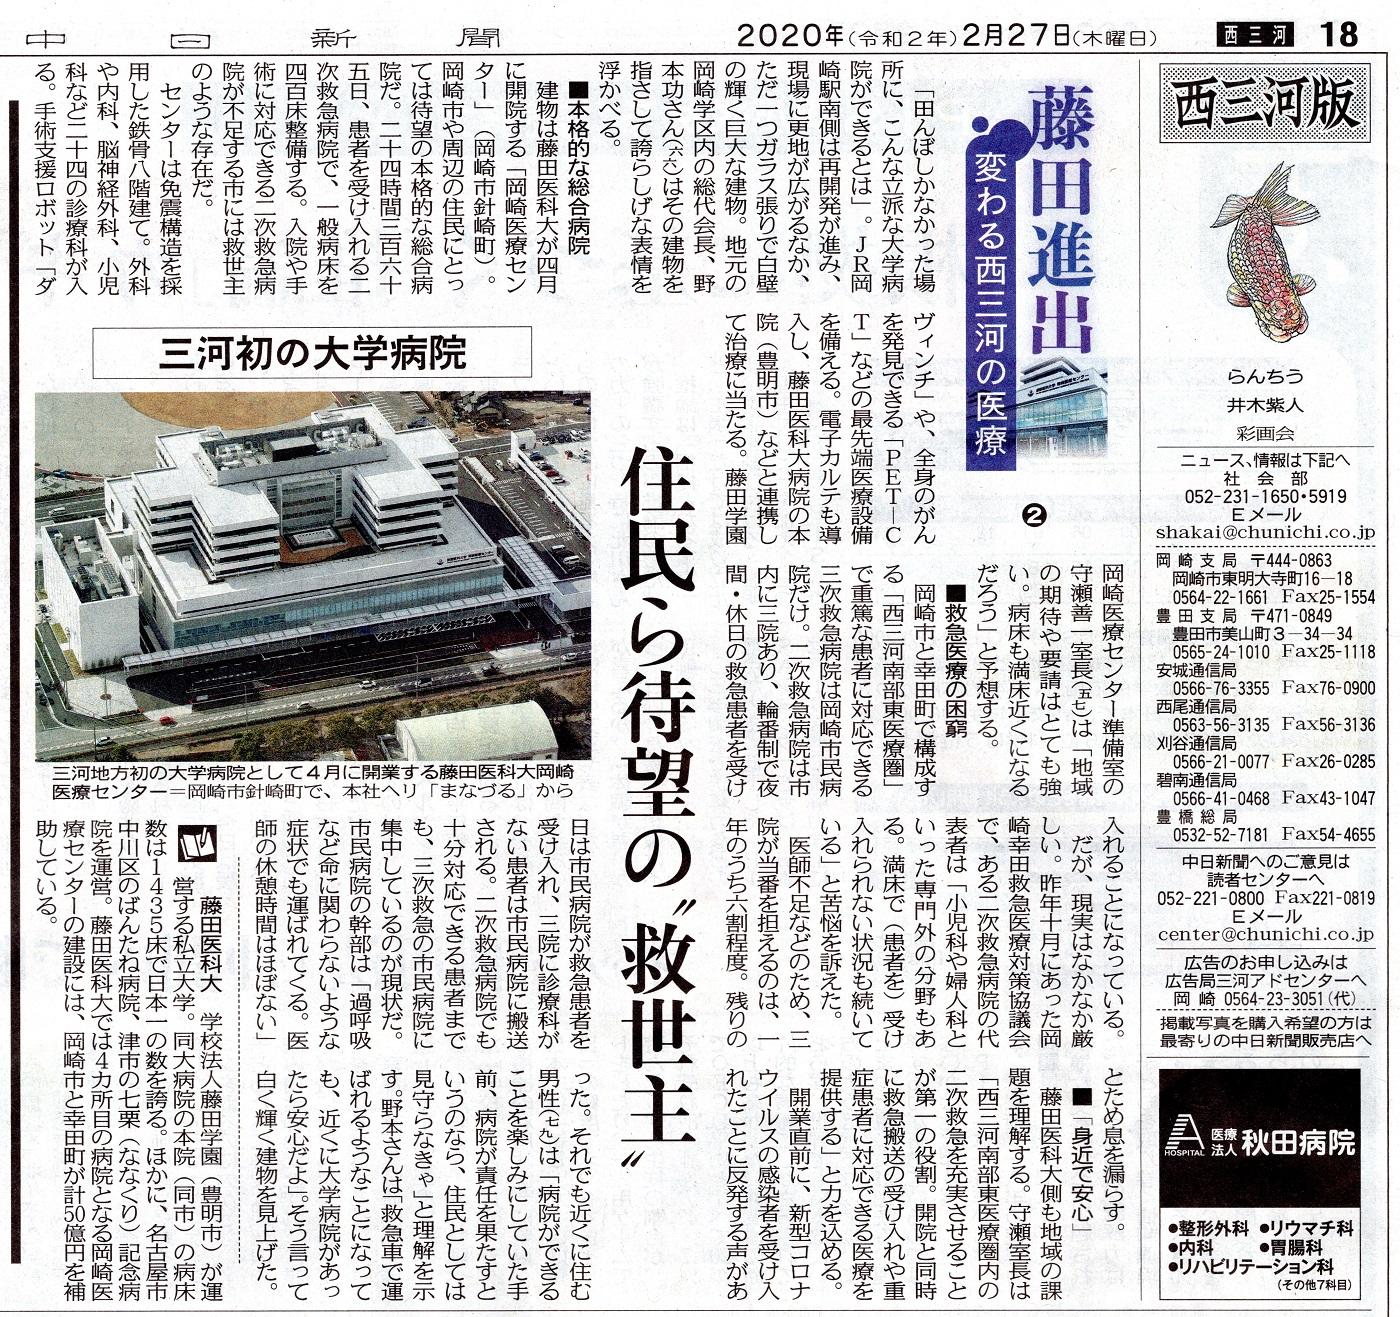 岡崎 病院 藤田 大学 医科 藤田 医科